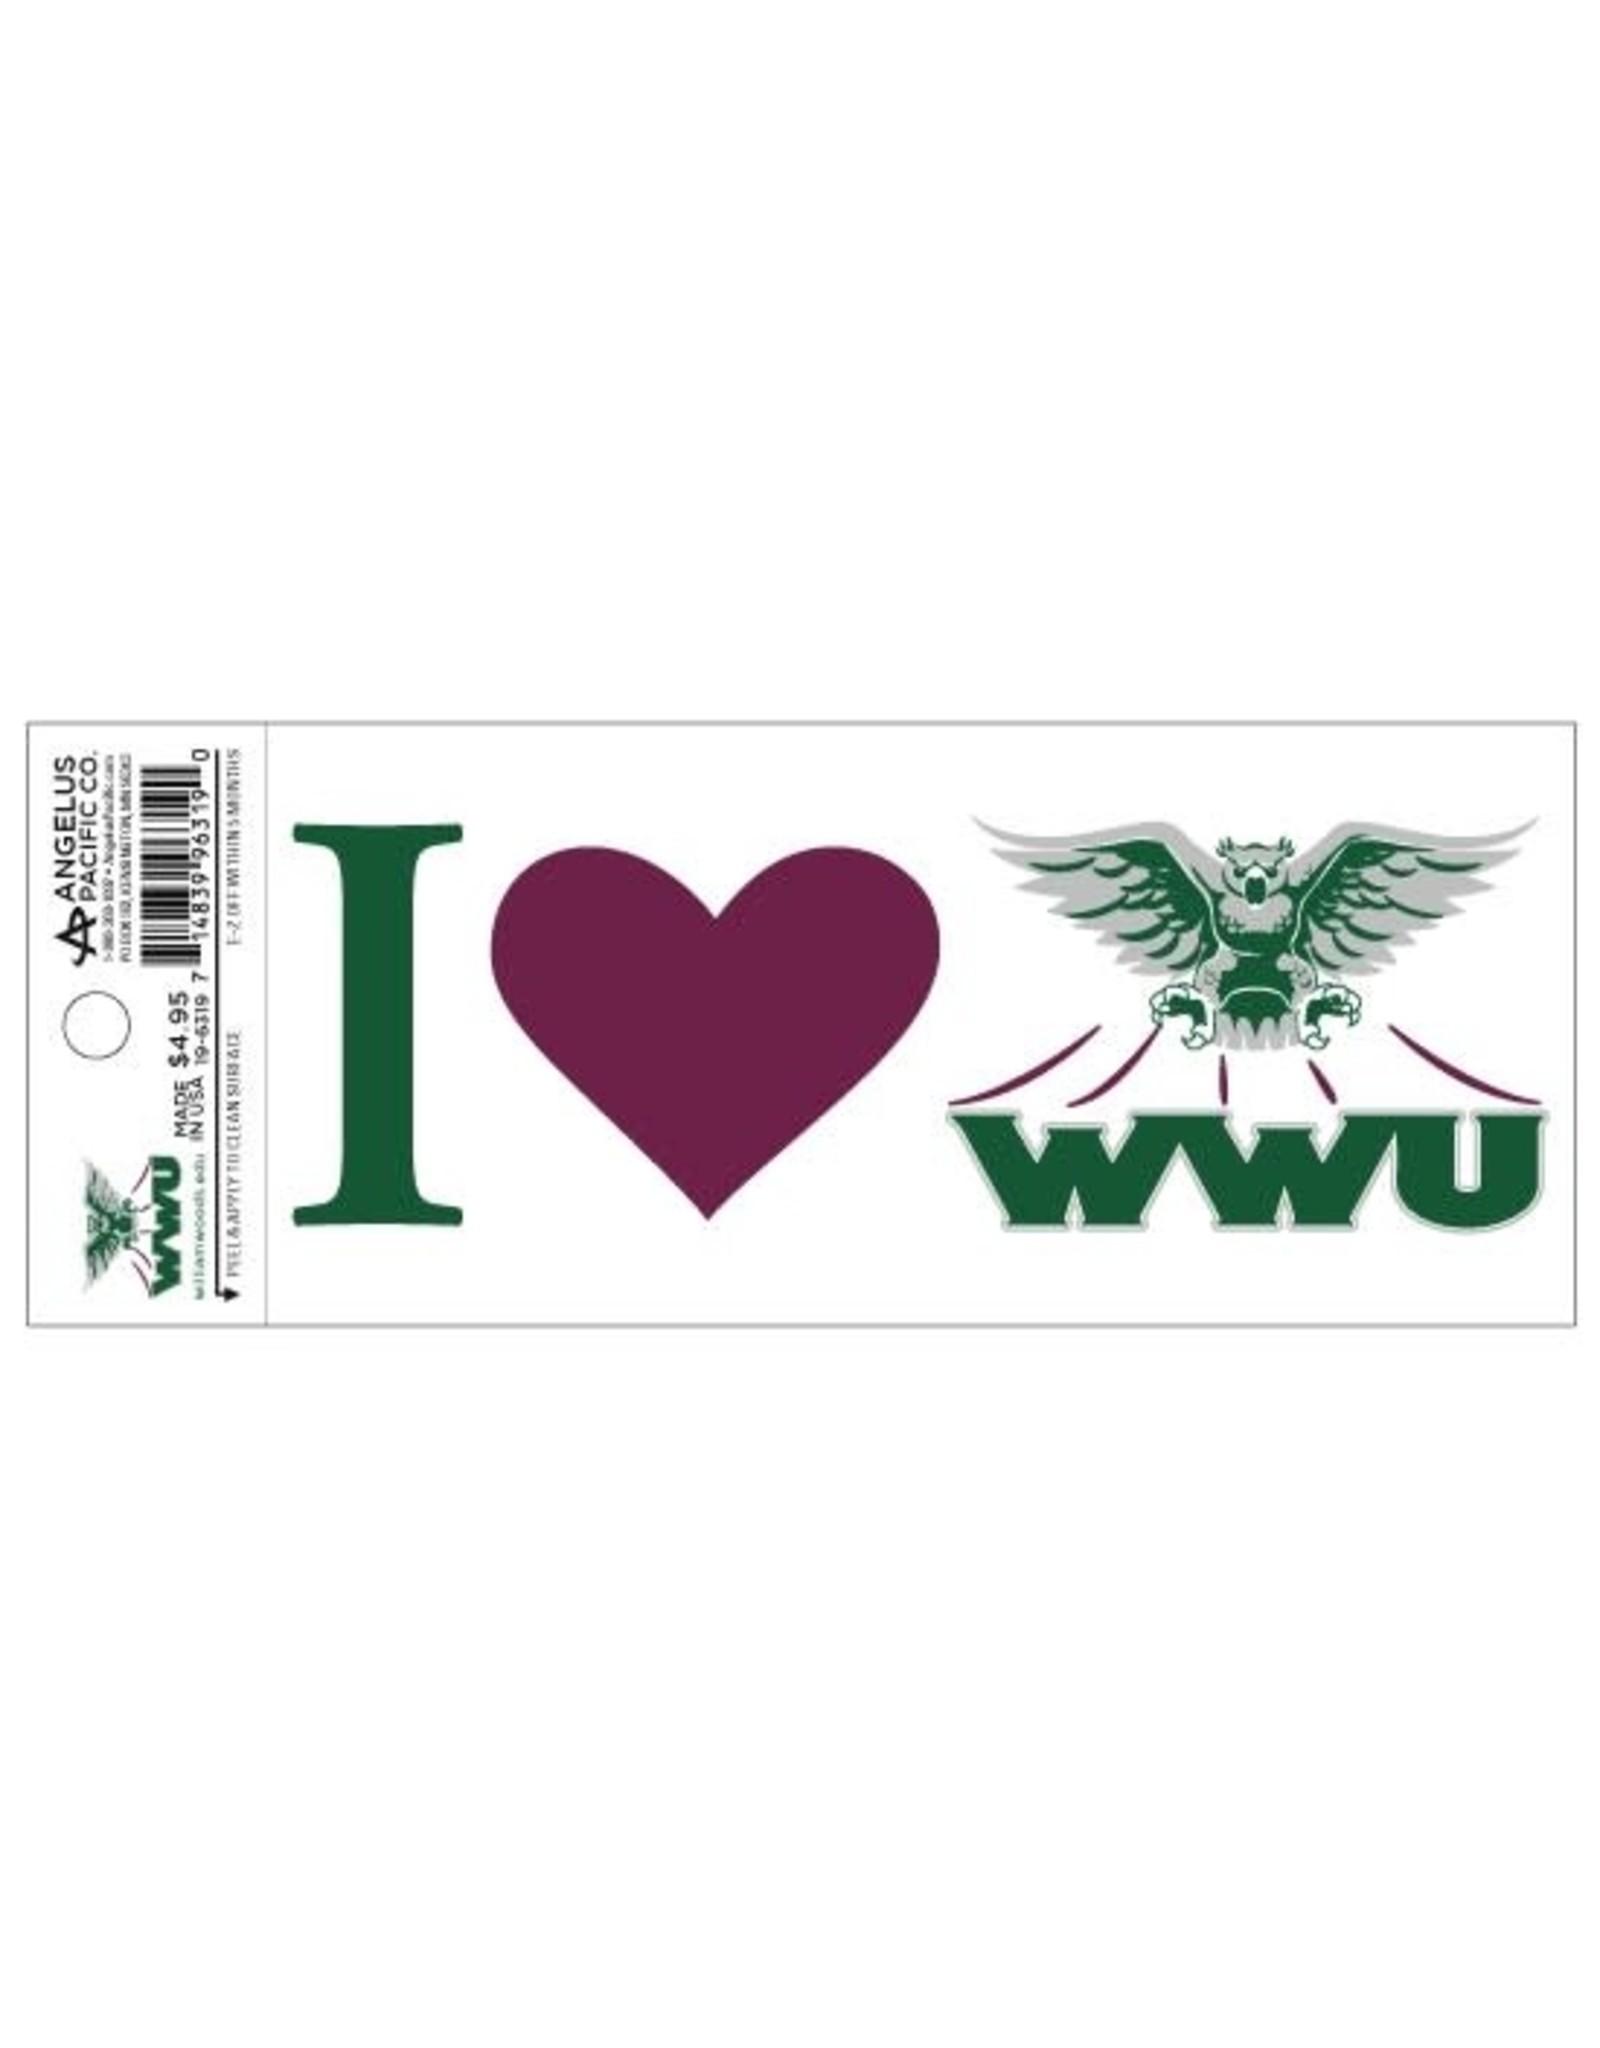 Decal I (Heart) WWU